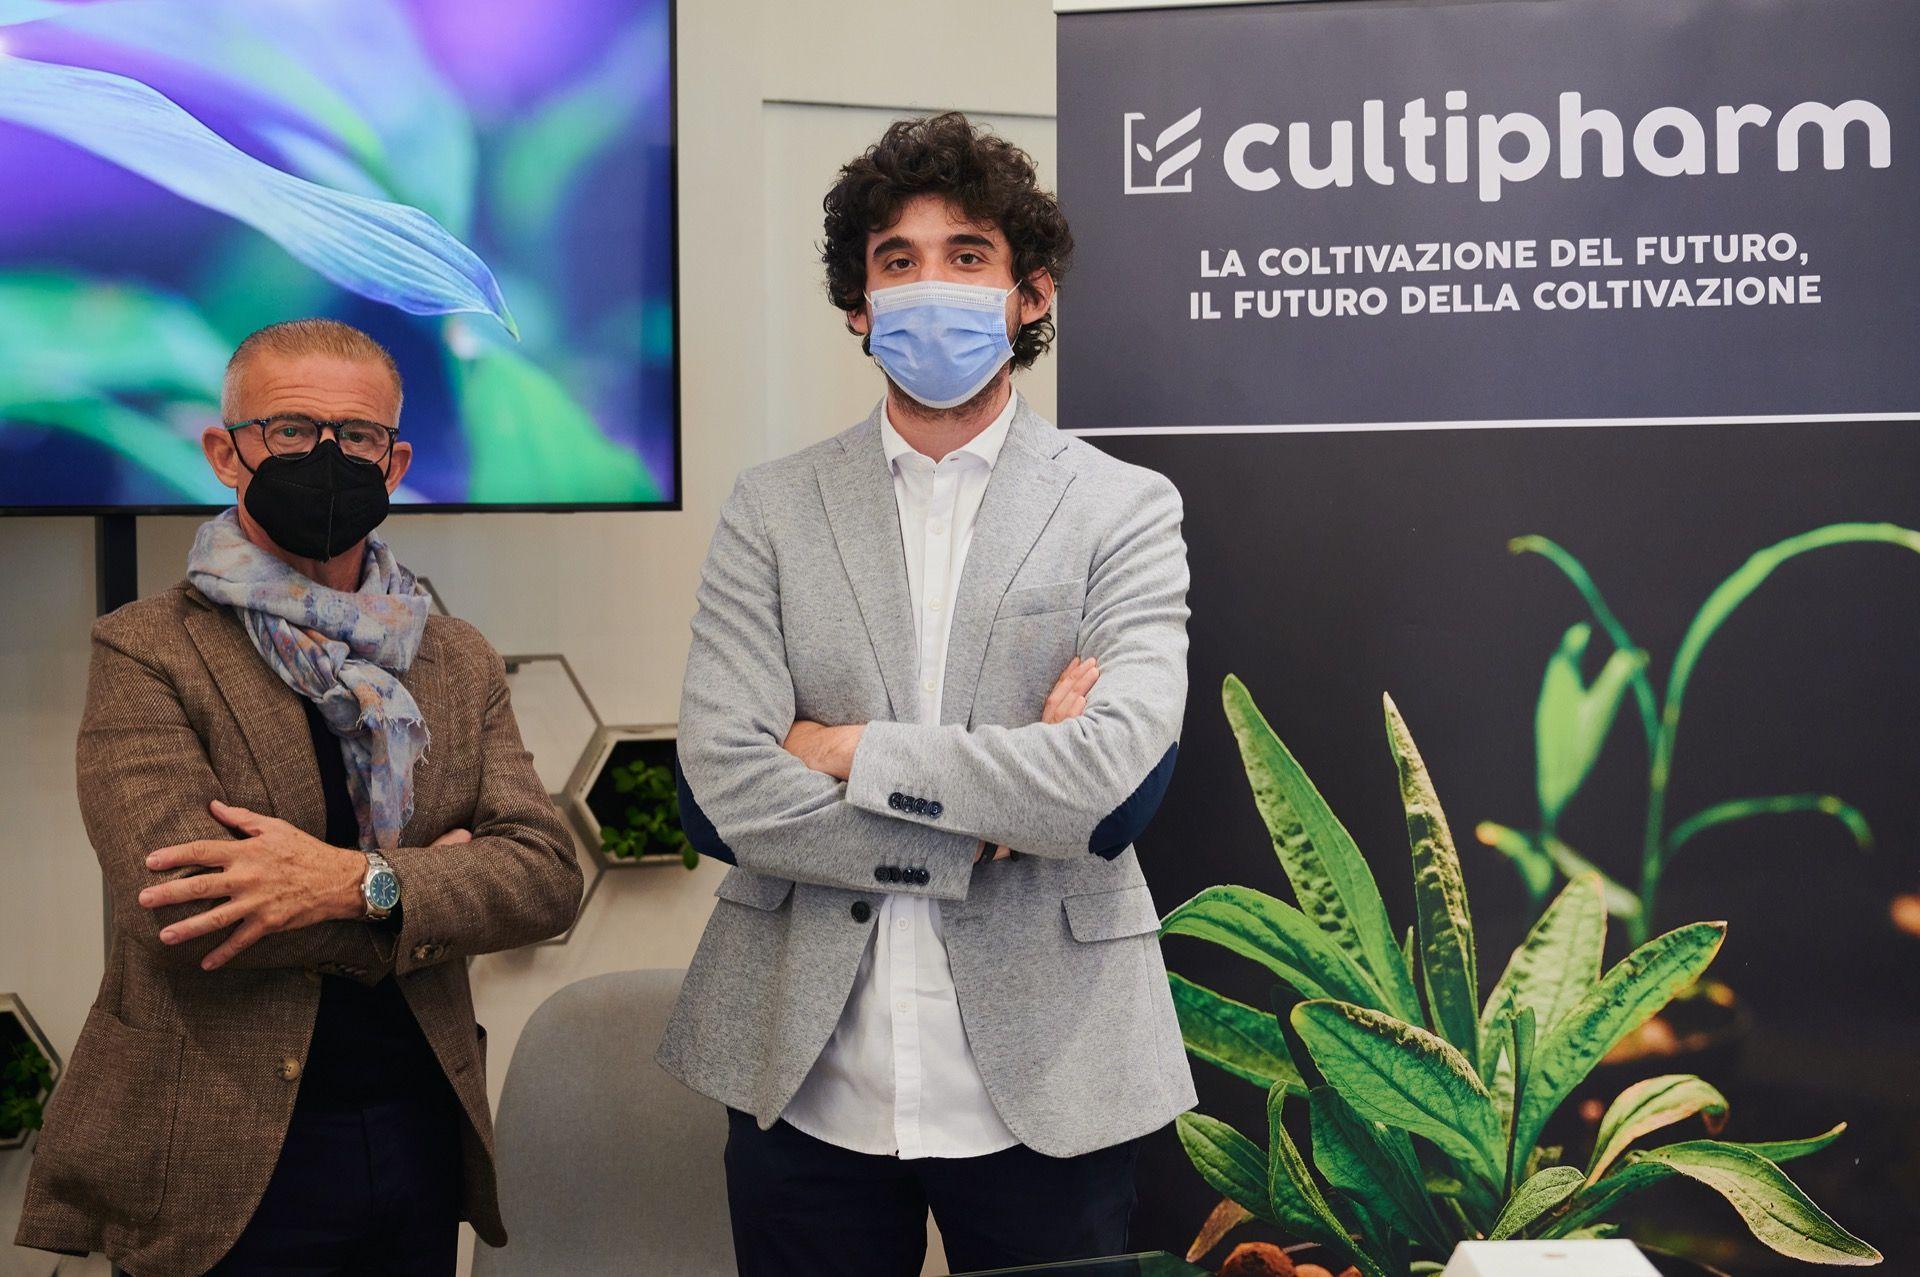 Presentazione del progetto Cultipharm con ENEA